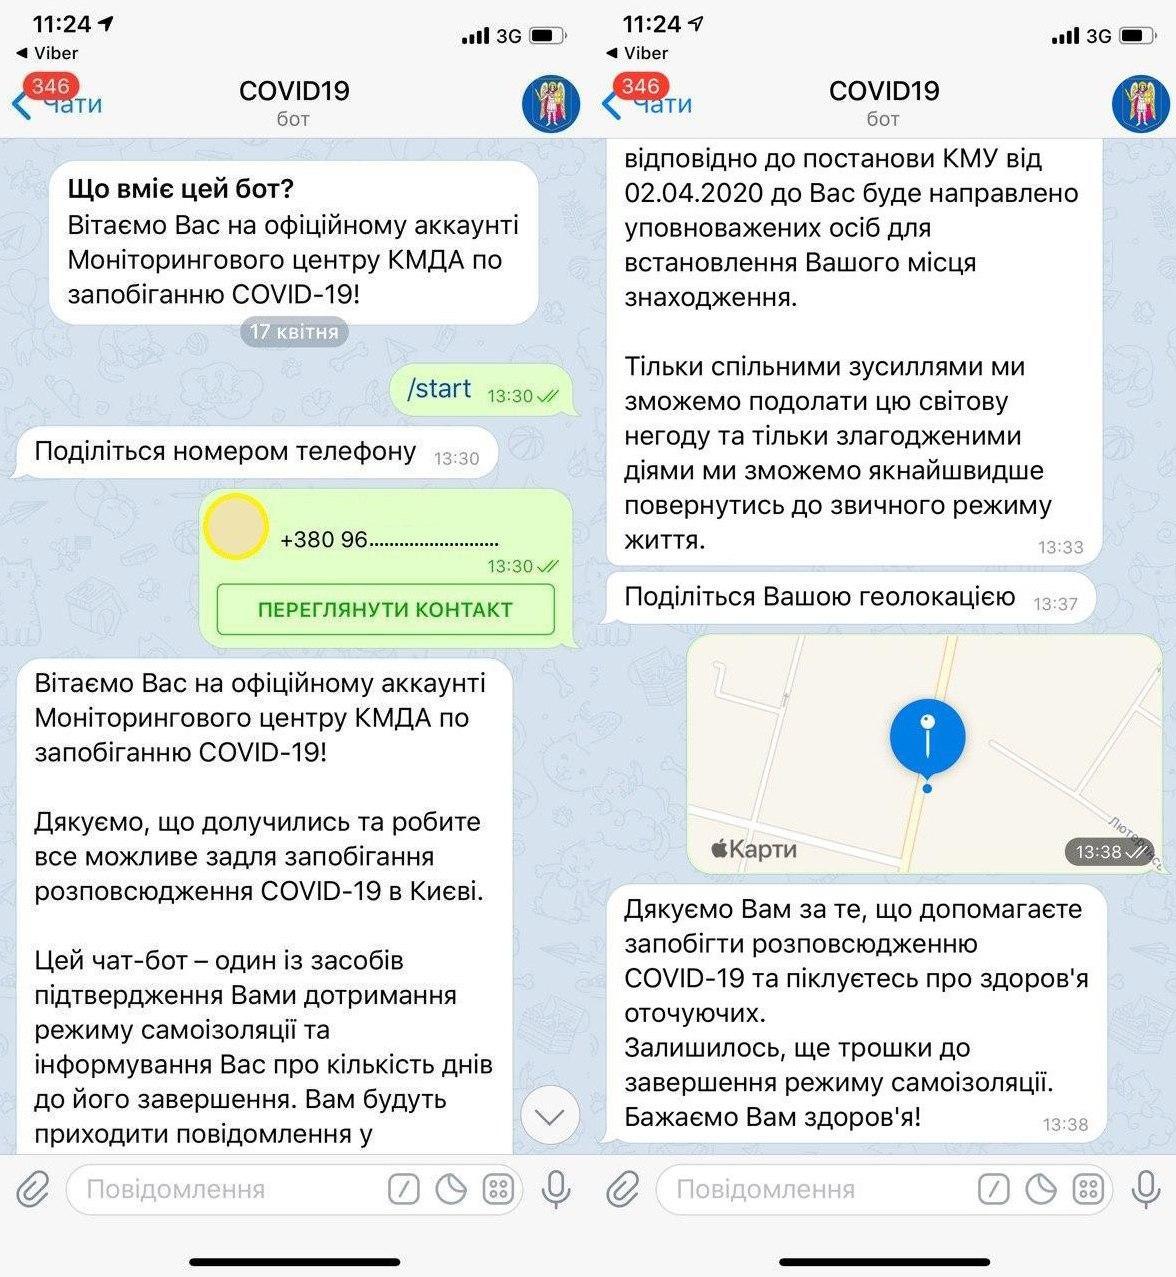 Киевлян на самоизоляции будут контролировать через Telegram: 10 минут на ответ